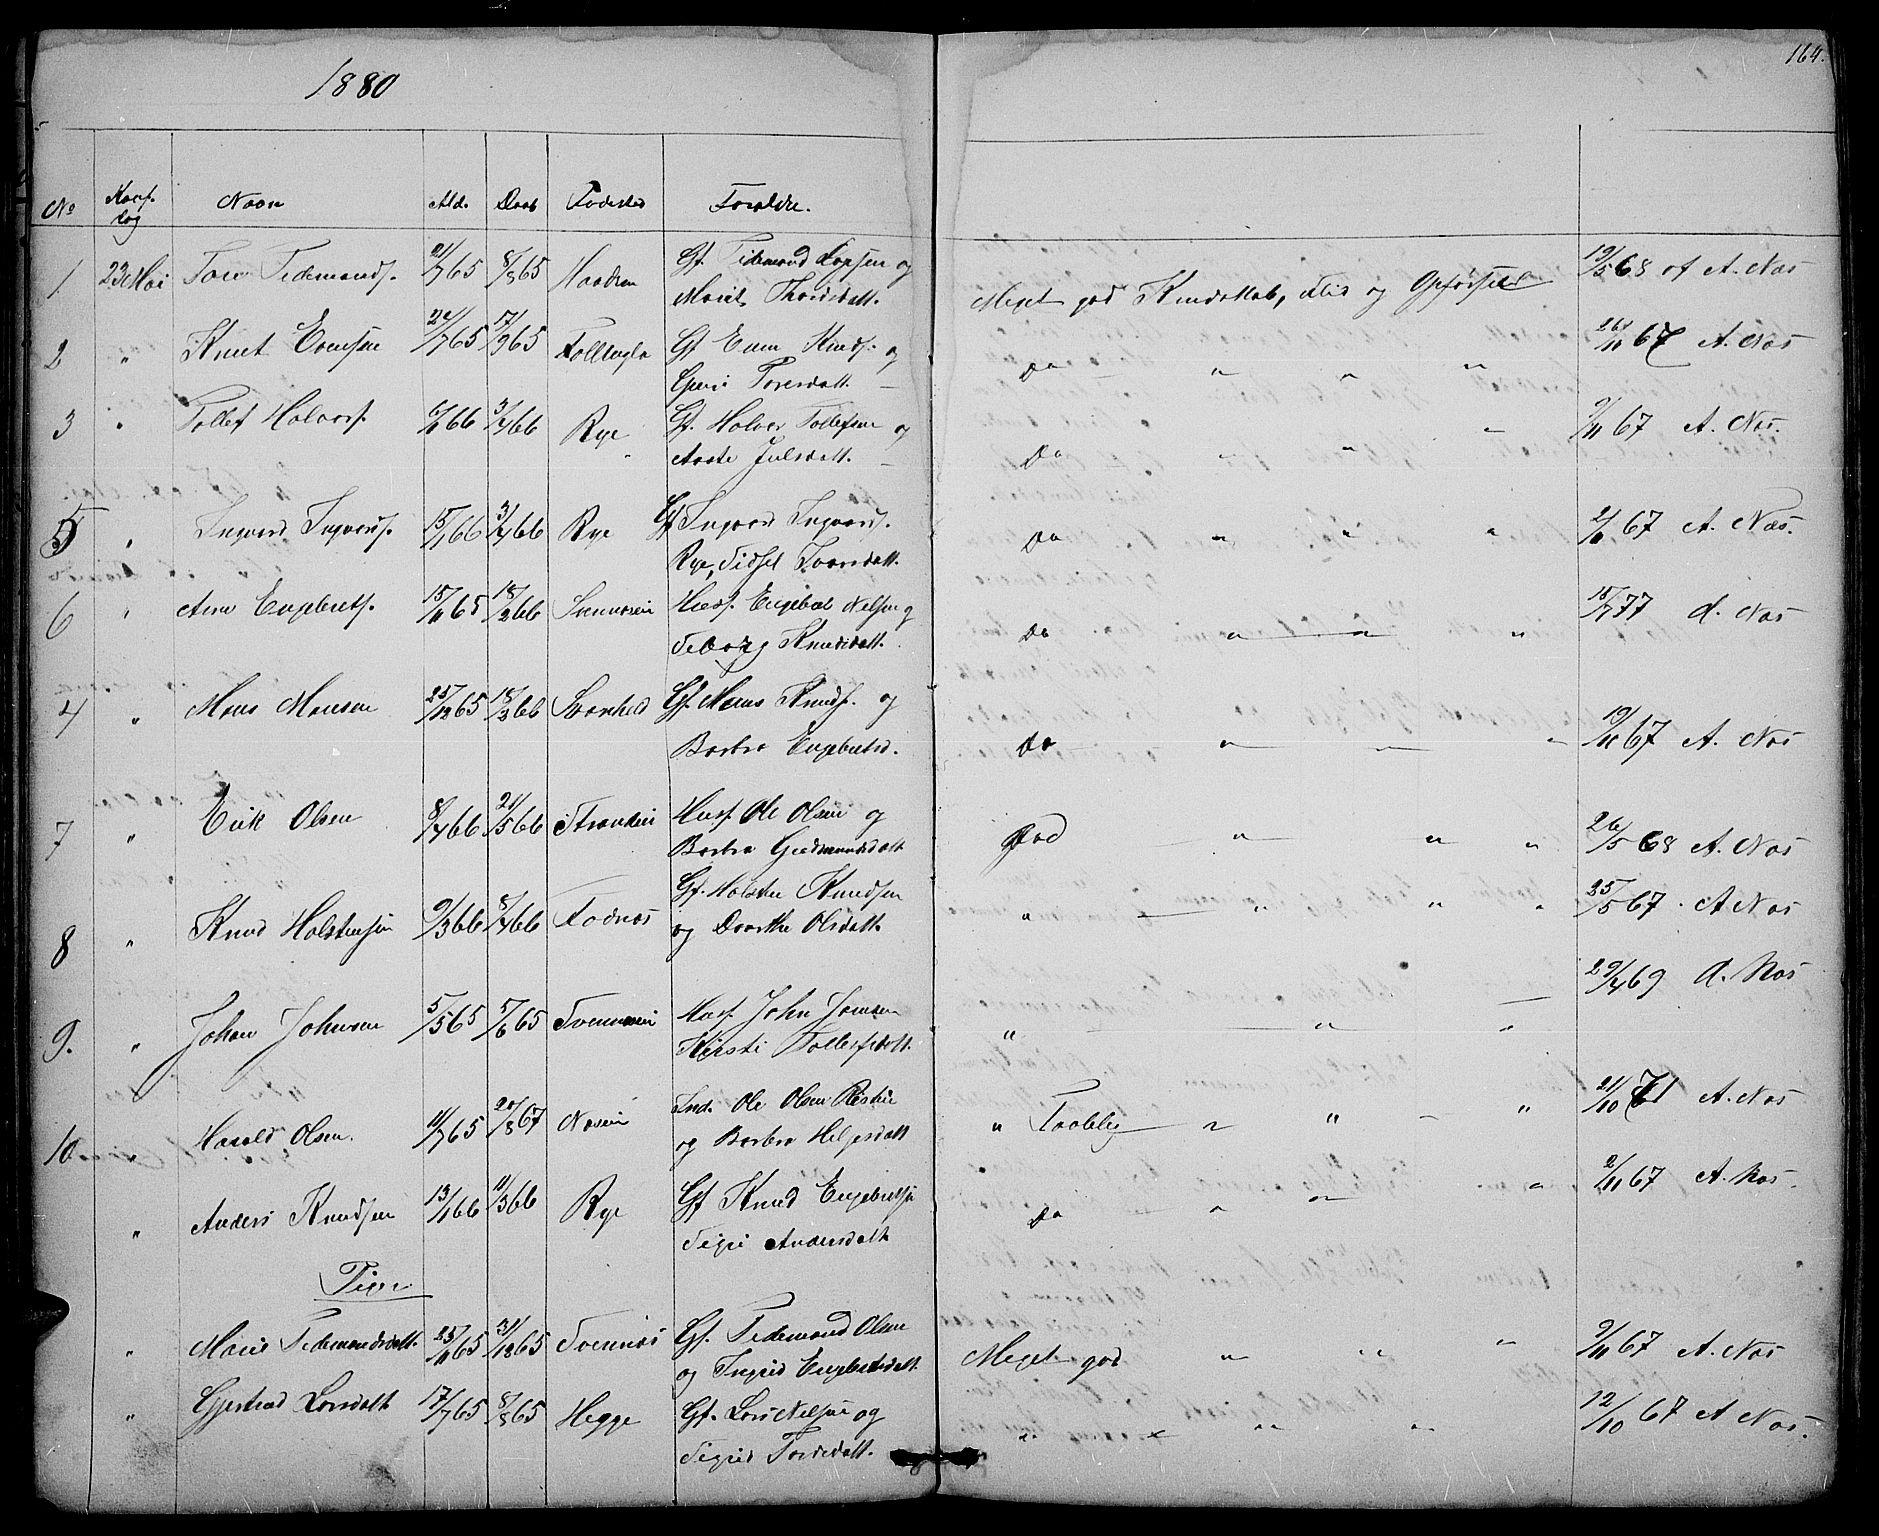 SAH, Nord-Aurdal prestekontor, Klokkerbok nr. 3, 1842-1882, s. 164